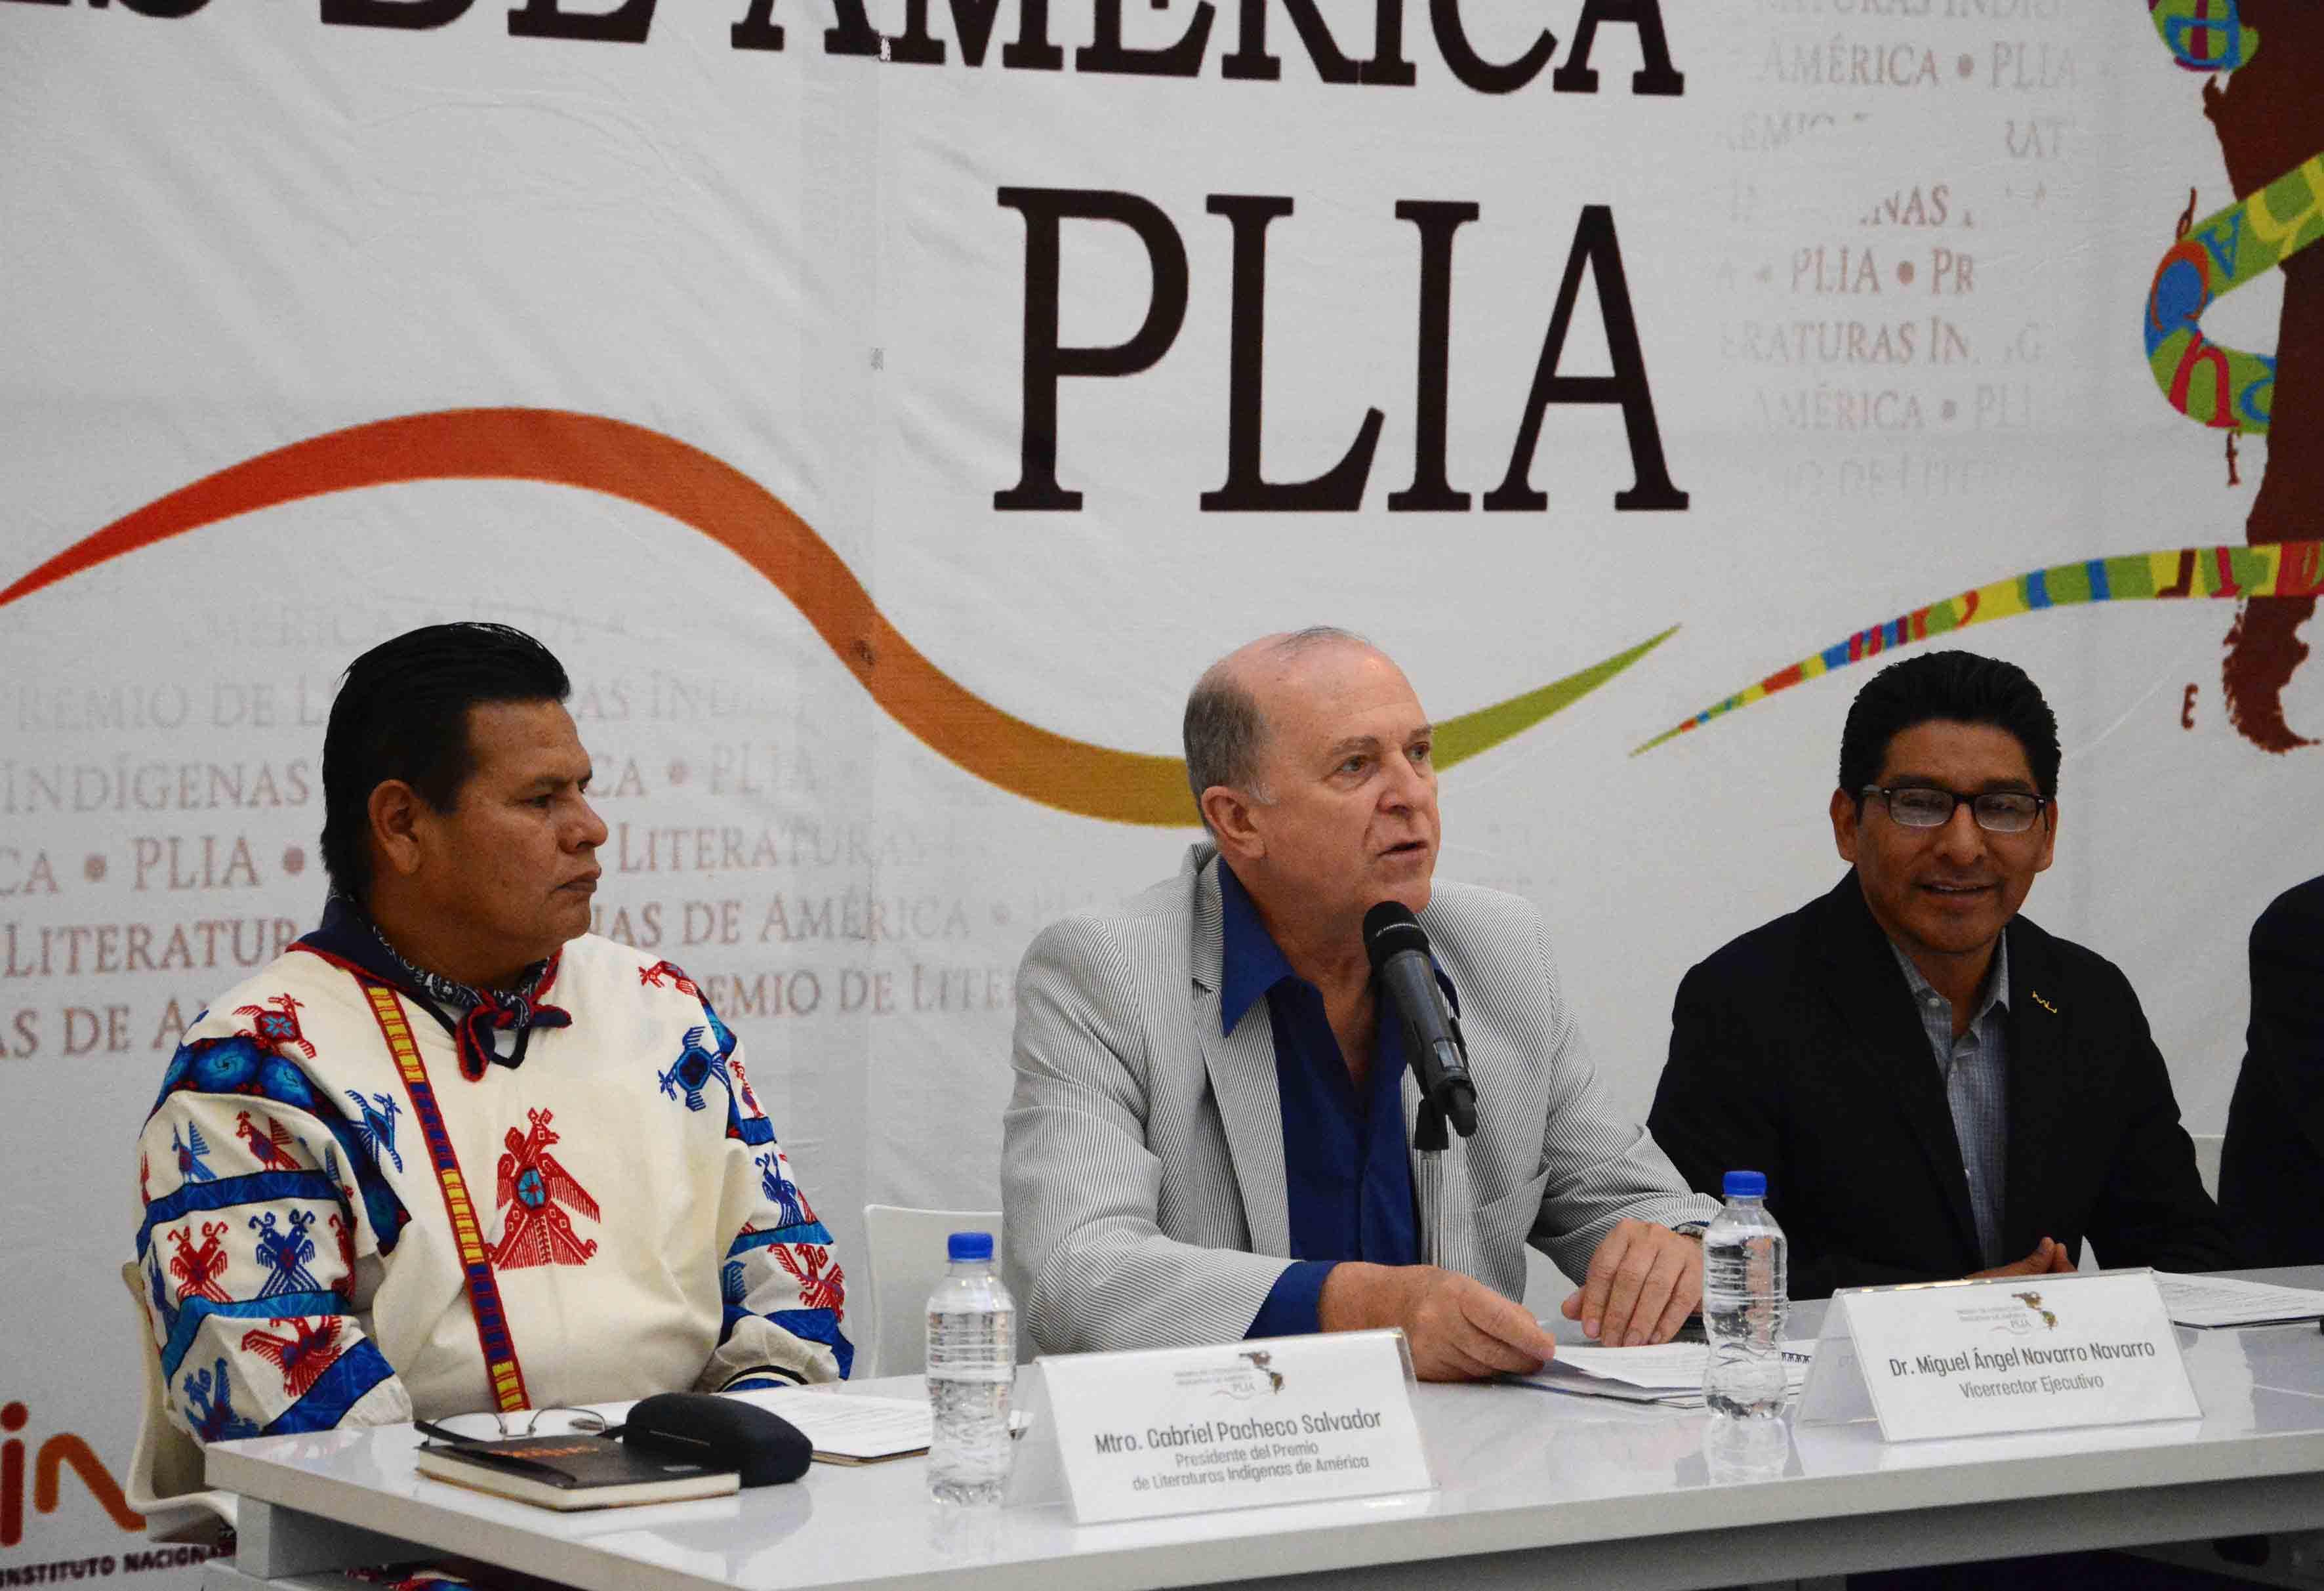 Doctor Miguel Ángel Navarro Navarro, Vicerrector Ejecutivo de la UdeG, con micrófono en panel dando a conocer los pormenores de la convocatoria del premio de Literaturas Indígenas 2016.